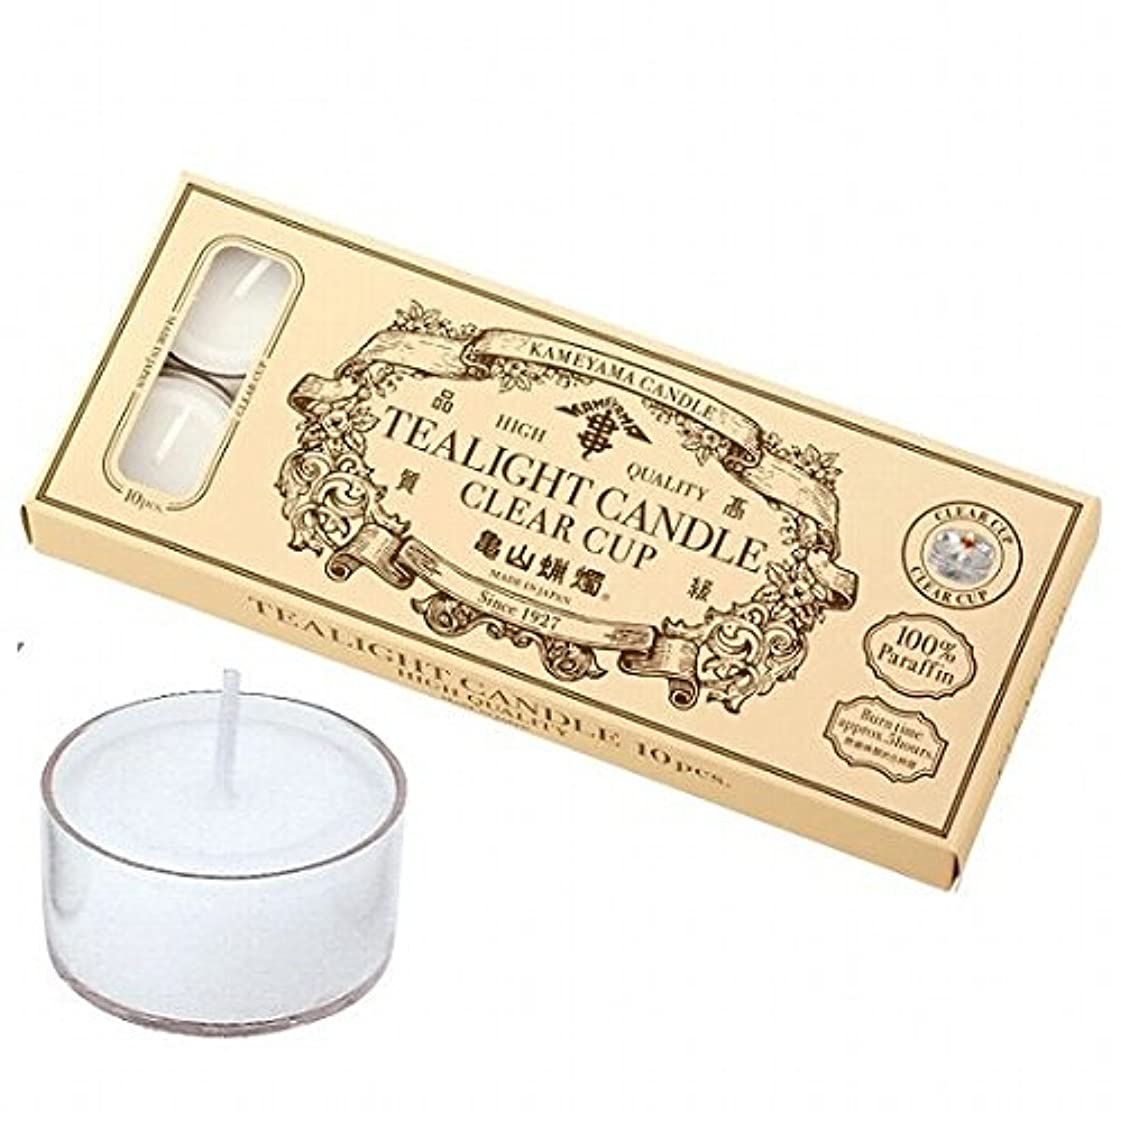 ペネロペラショナル秘密のカメヤマキャンドル(kameyama candle) 亀山ティーライトクリア10個?日本製 キャンドル